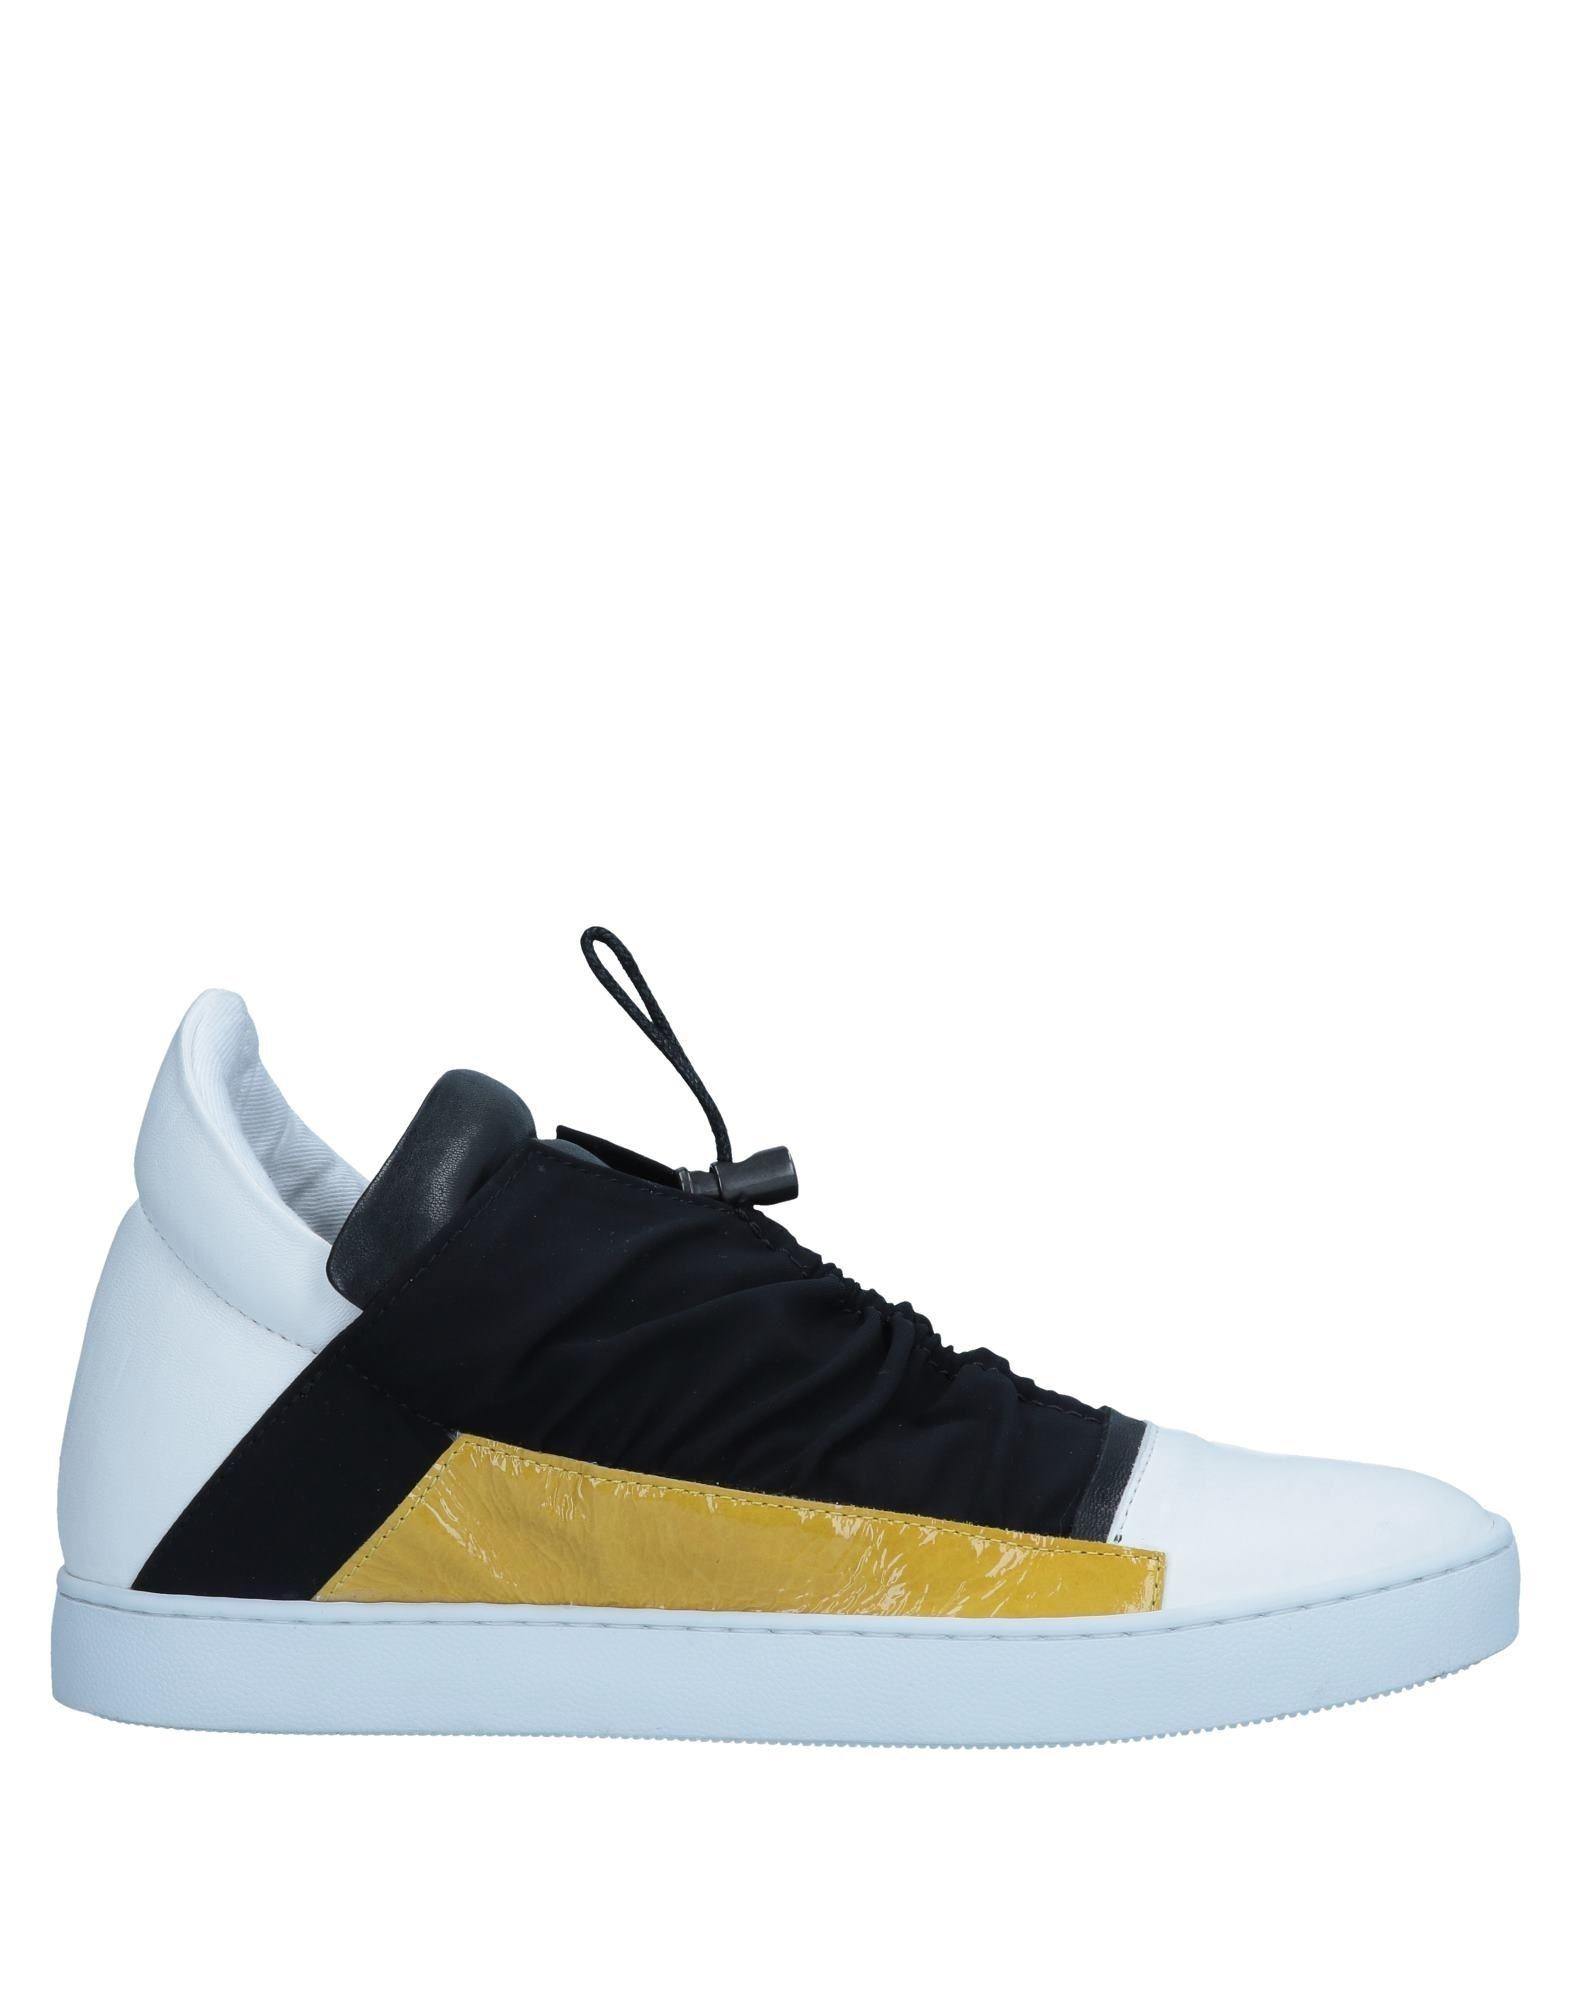 Zapatillas Ixos - Mujer - Ixos Zapatillas Ixos  Blanco 5fc4be